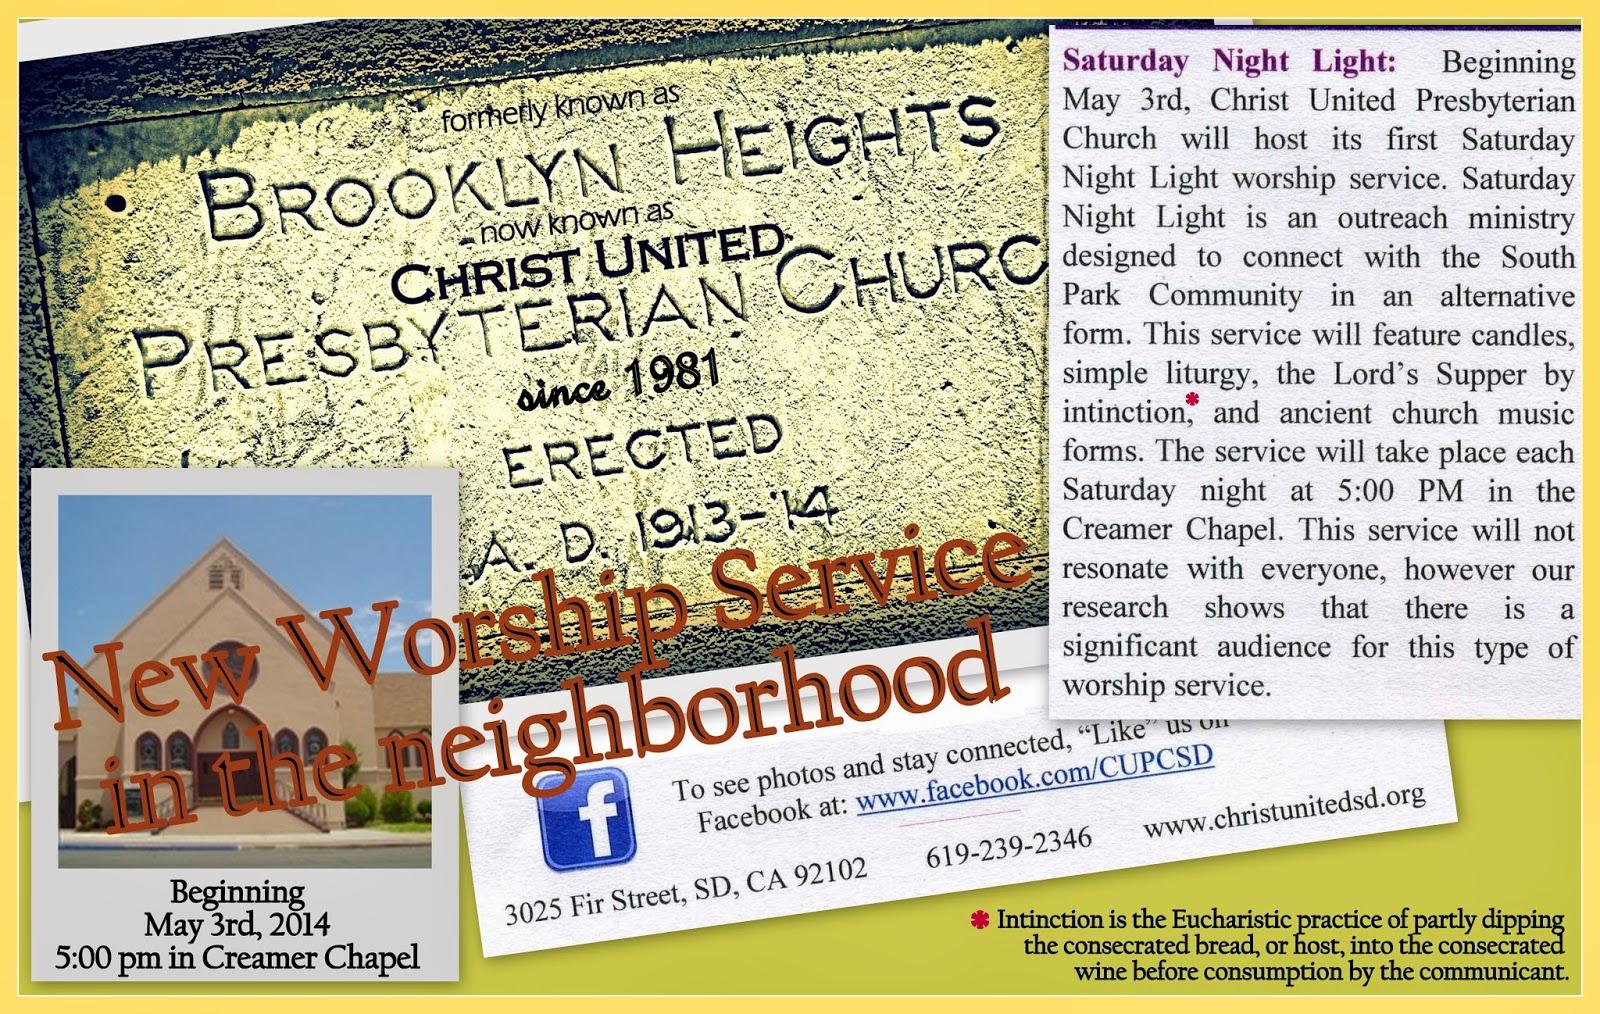 http://www.christunitedsd.org/